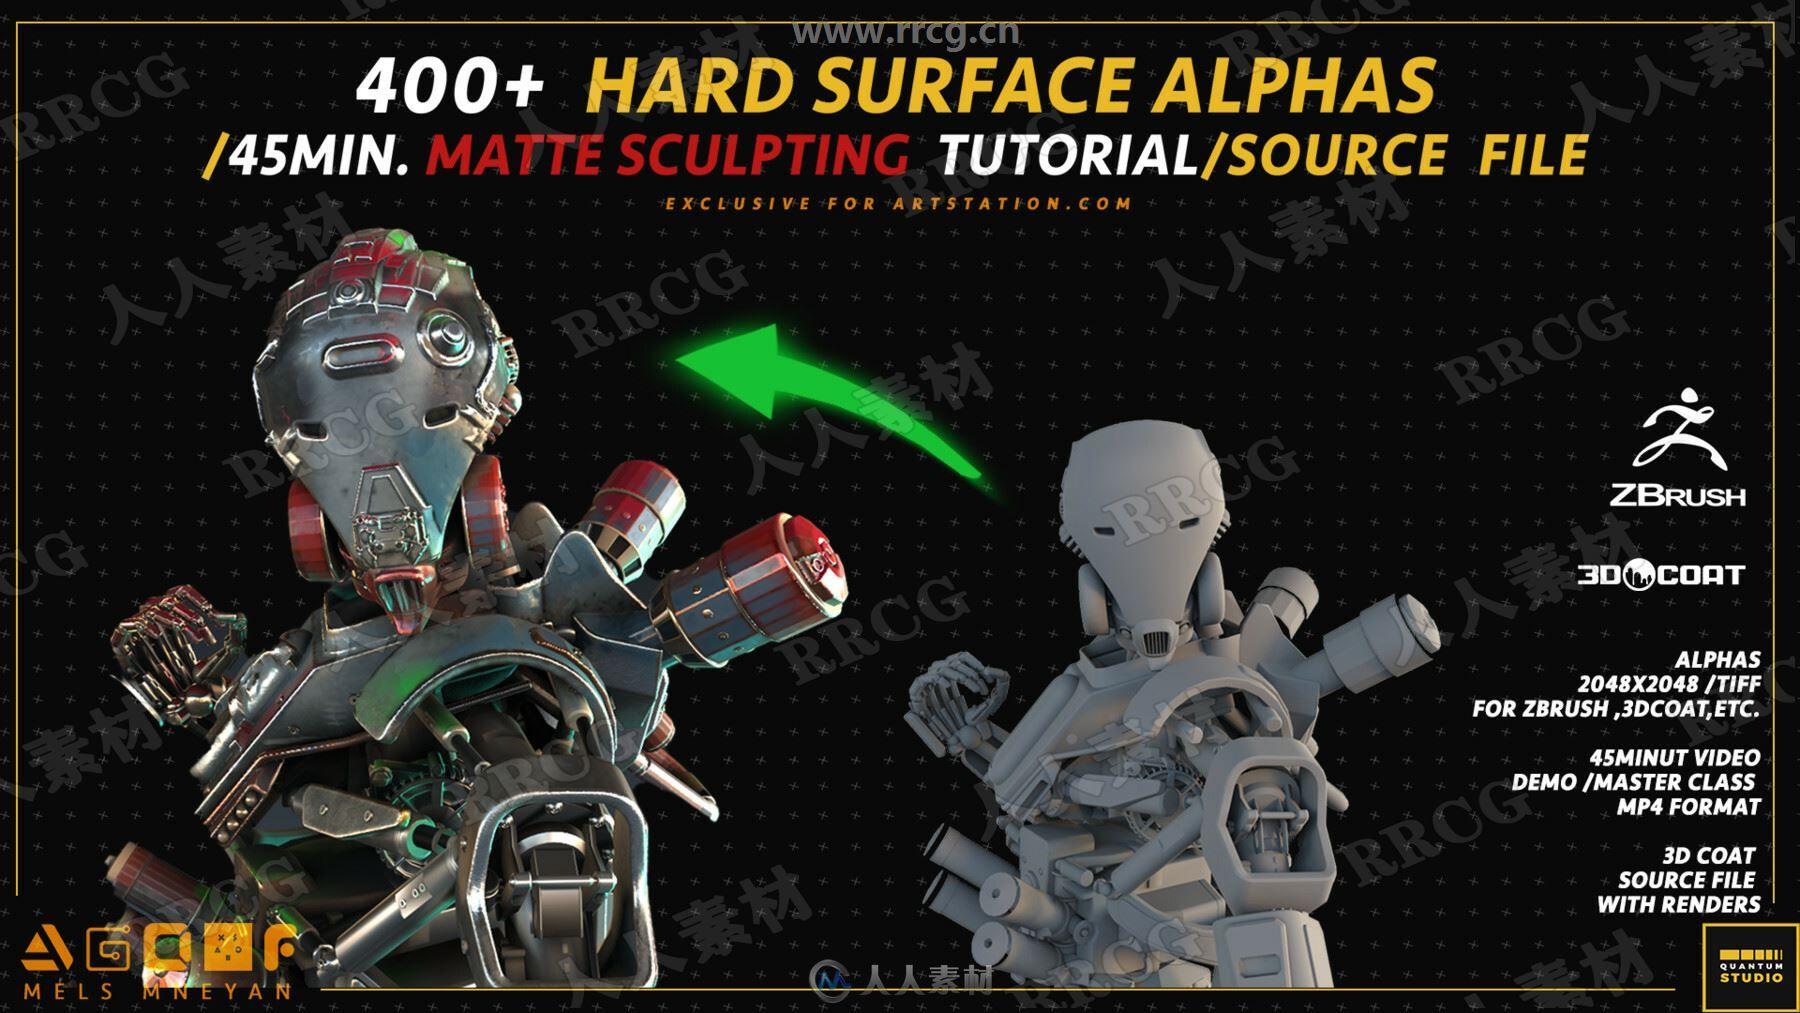 400组Zbrush硬表面位移Alpha贴图合集 附使用教程